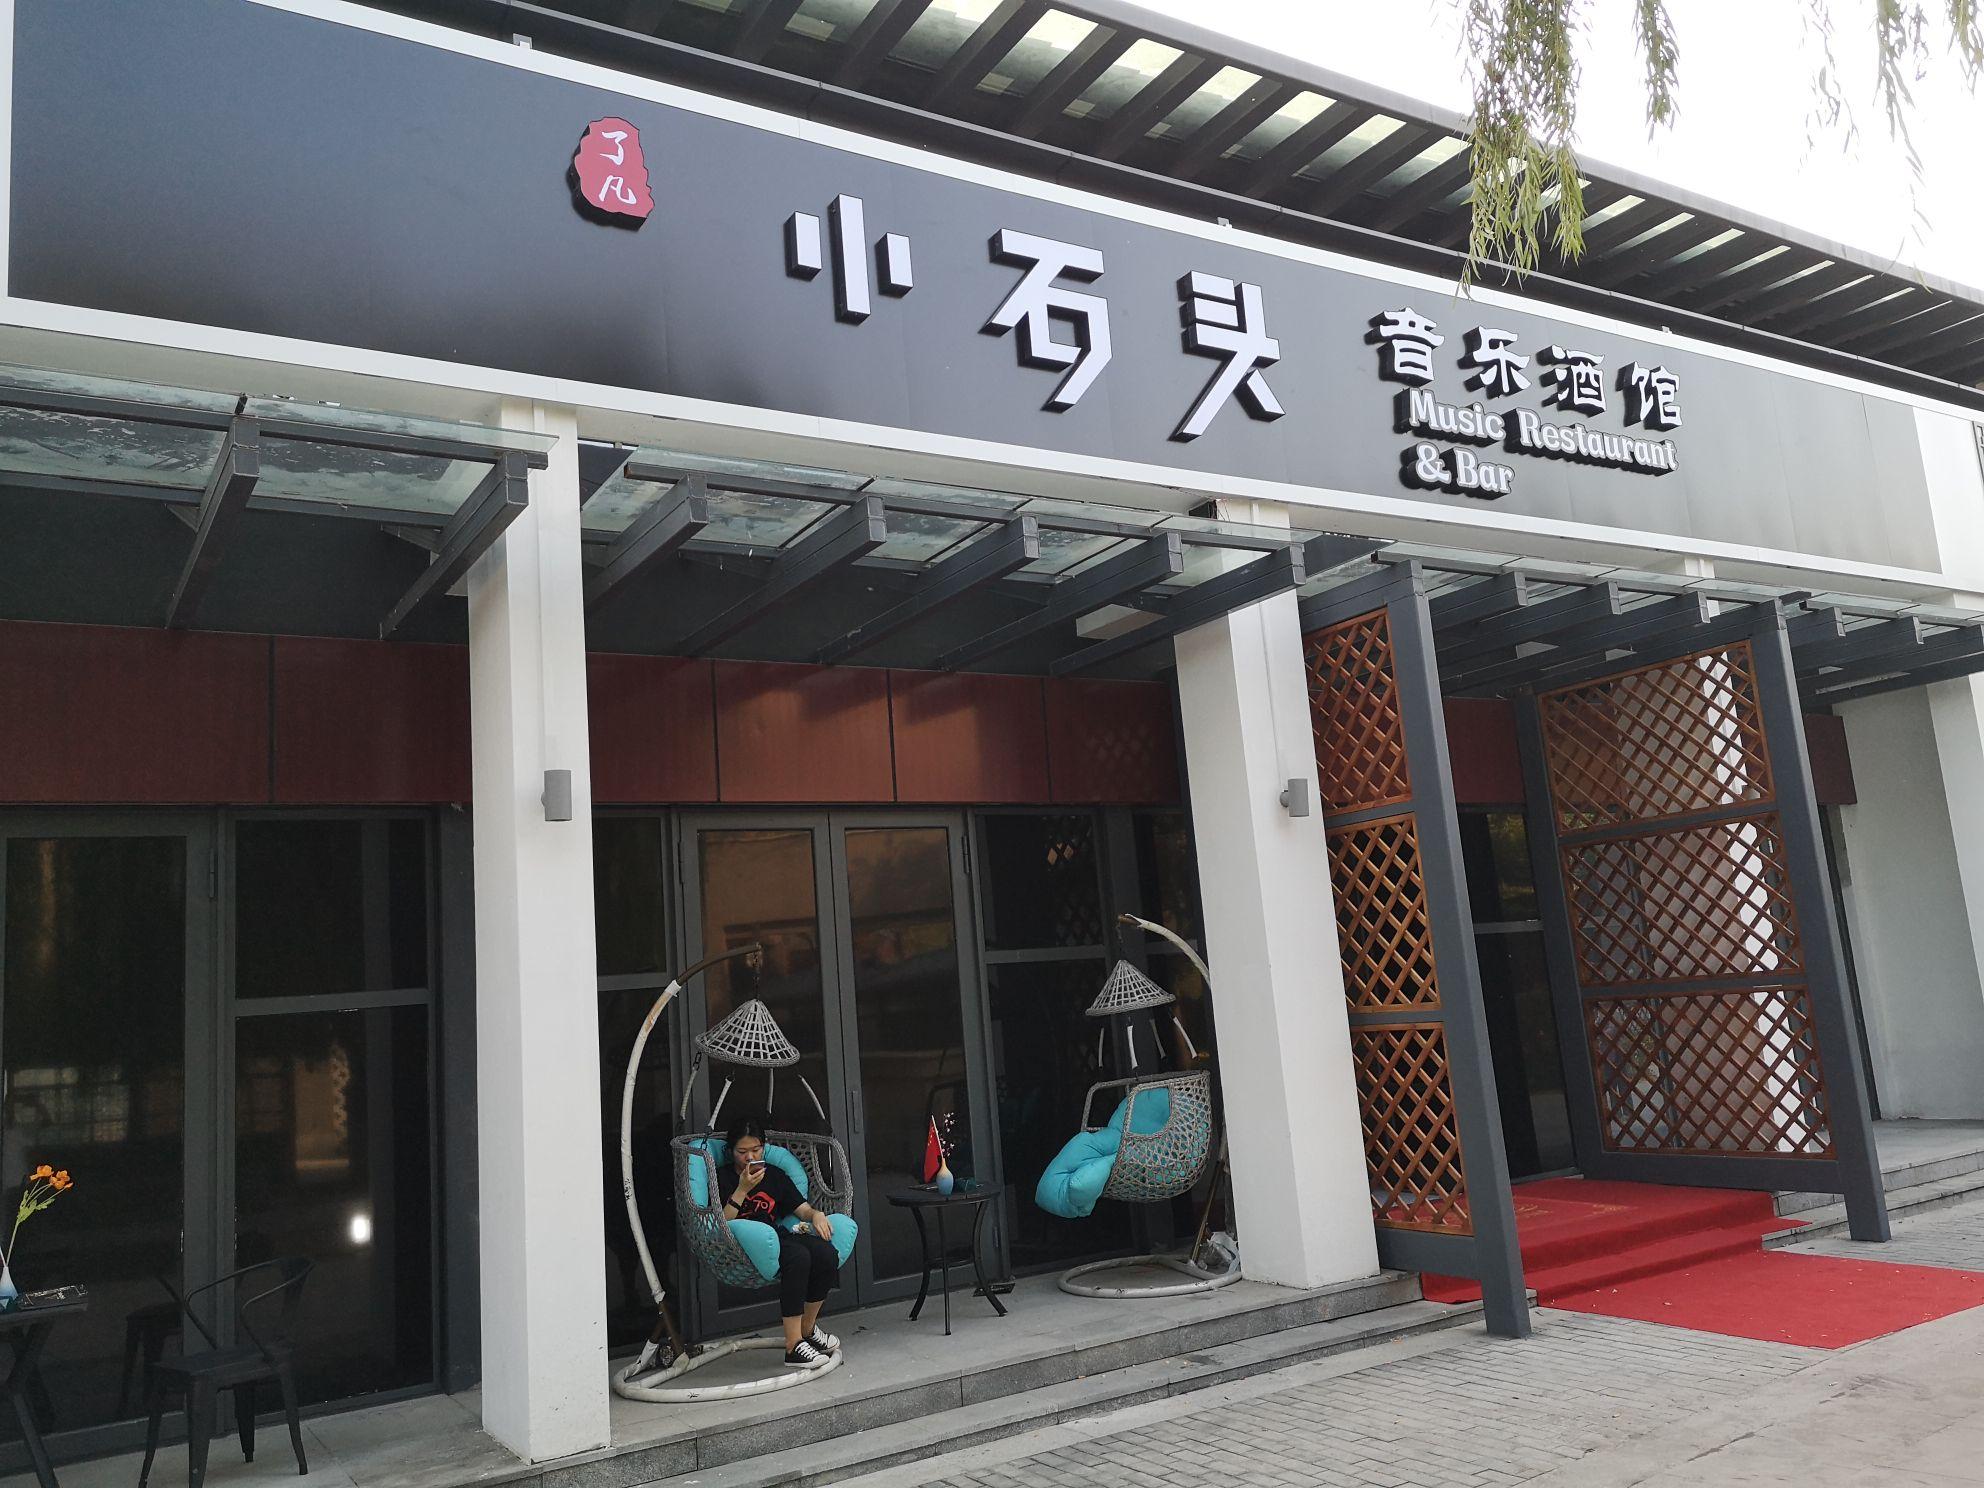 青岛小石头音乐酒馆全息光影餐厅